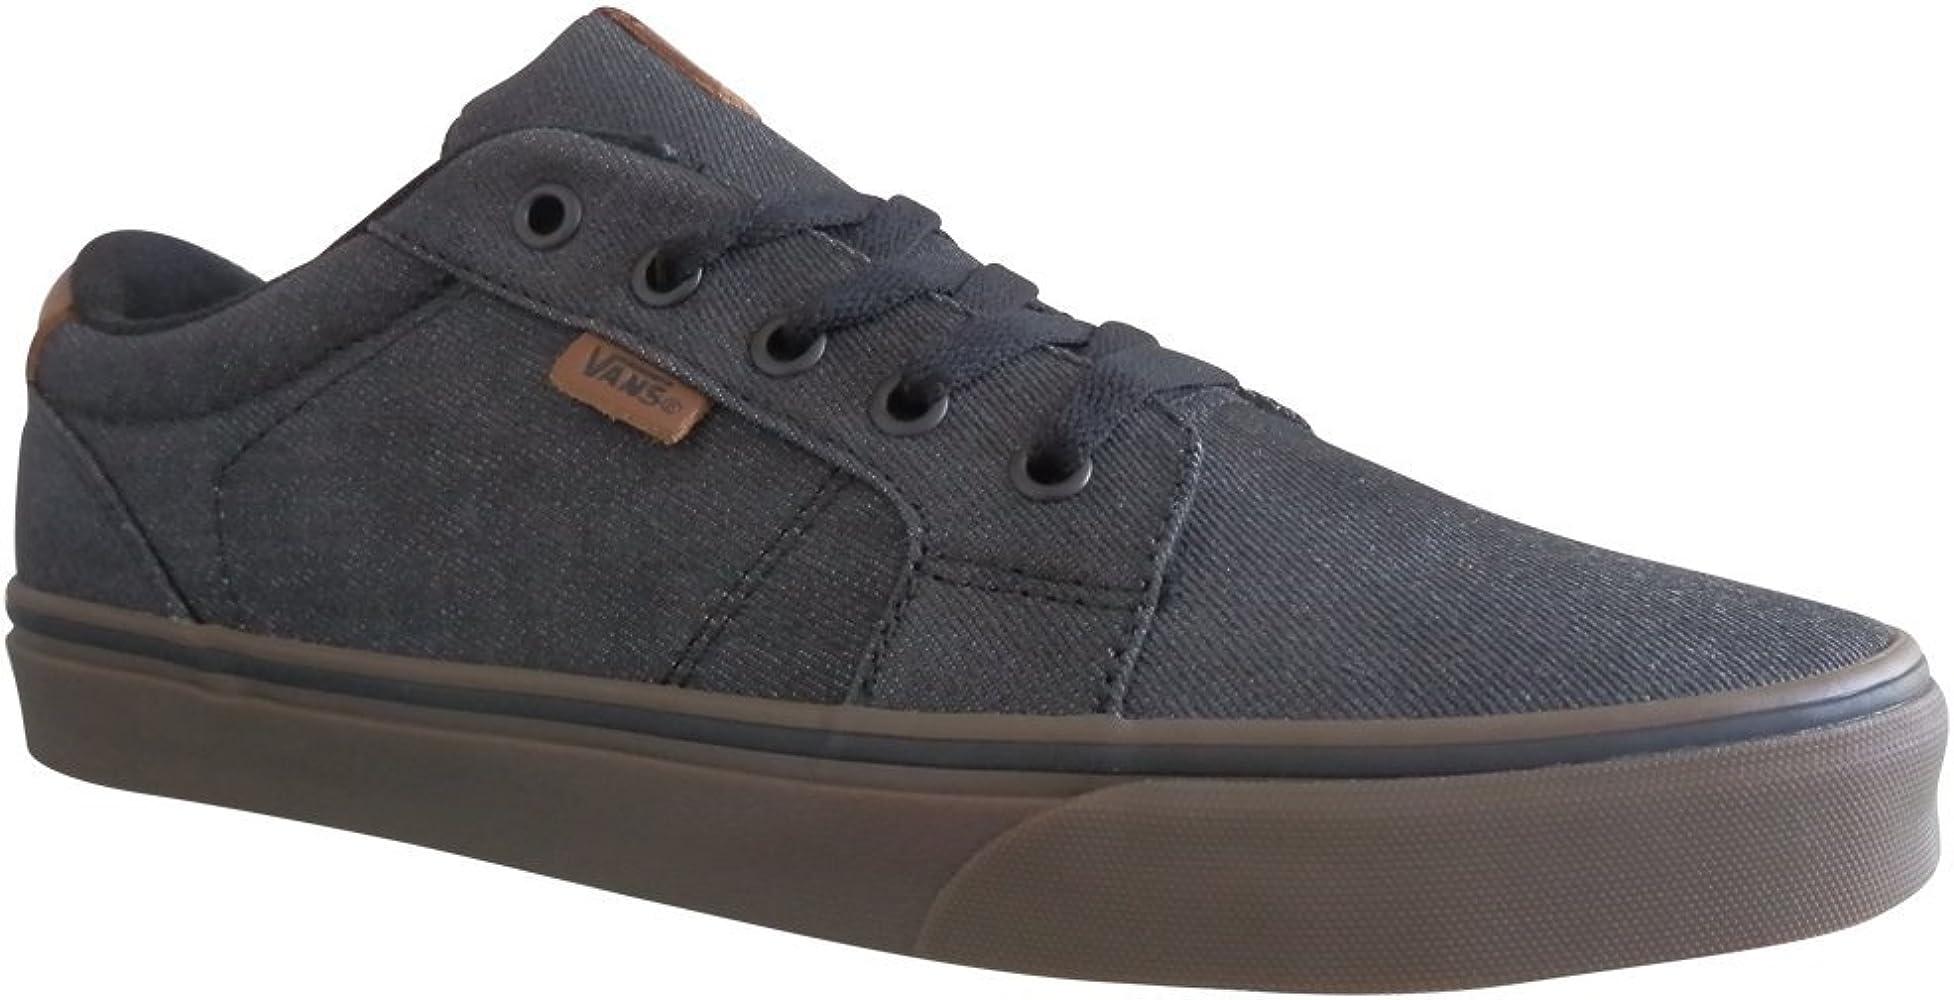 Vans Bishop Men's Shoes Waxed Denim